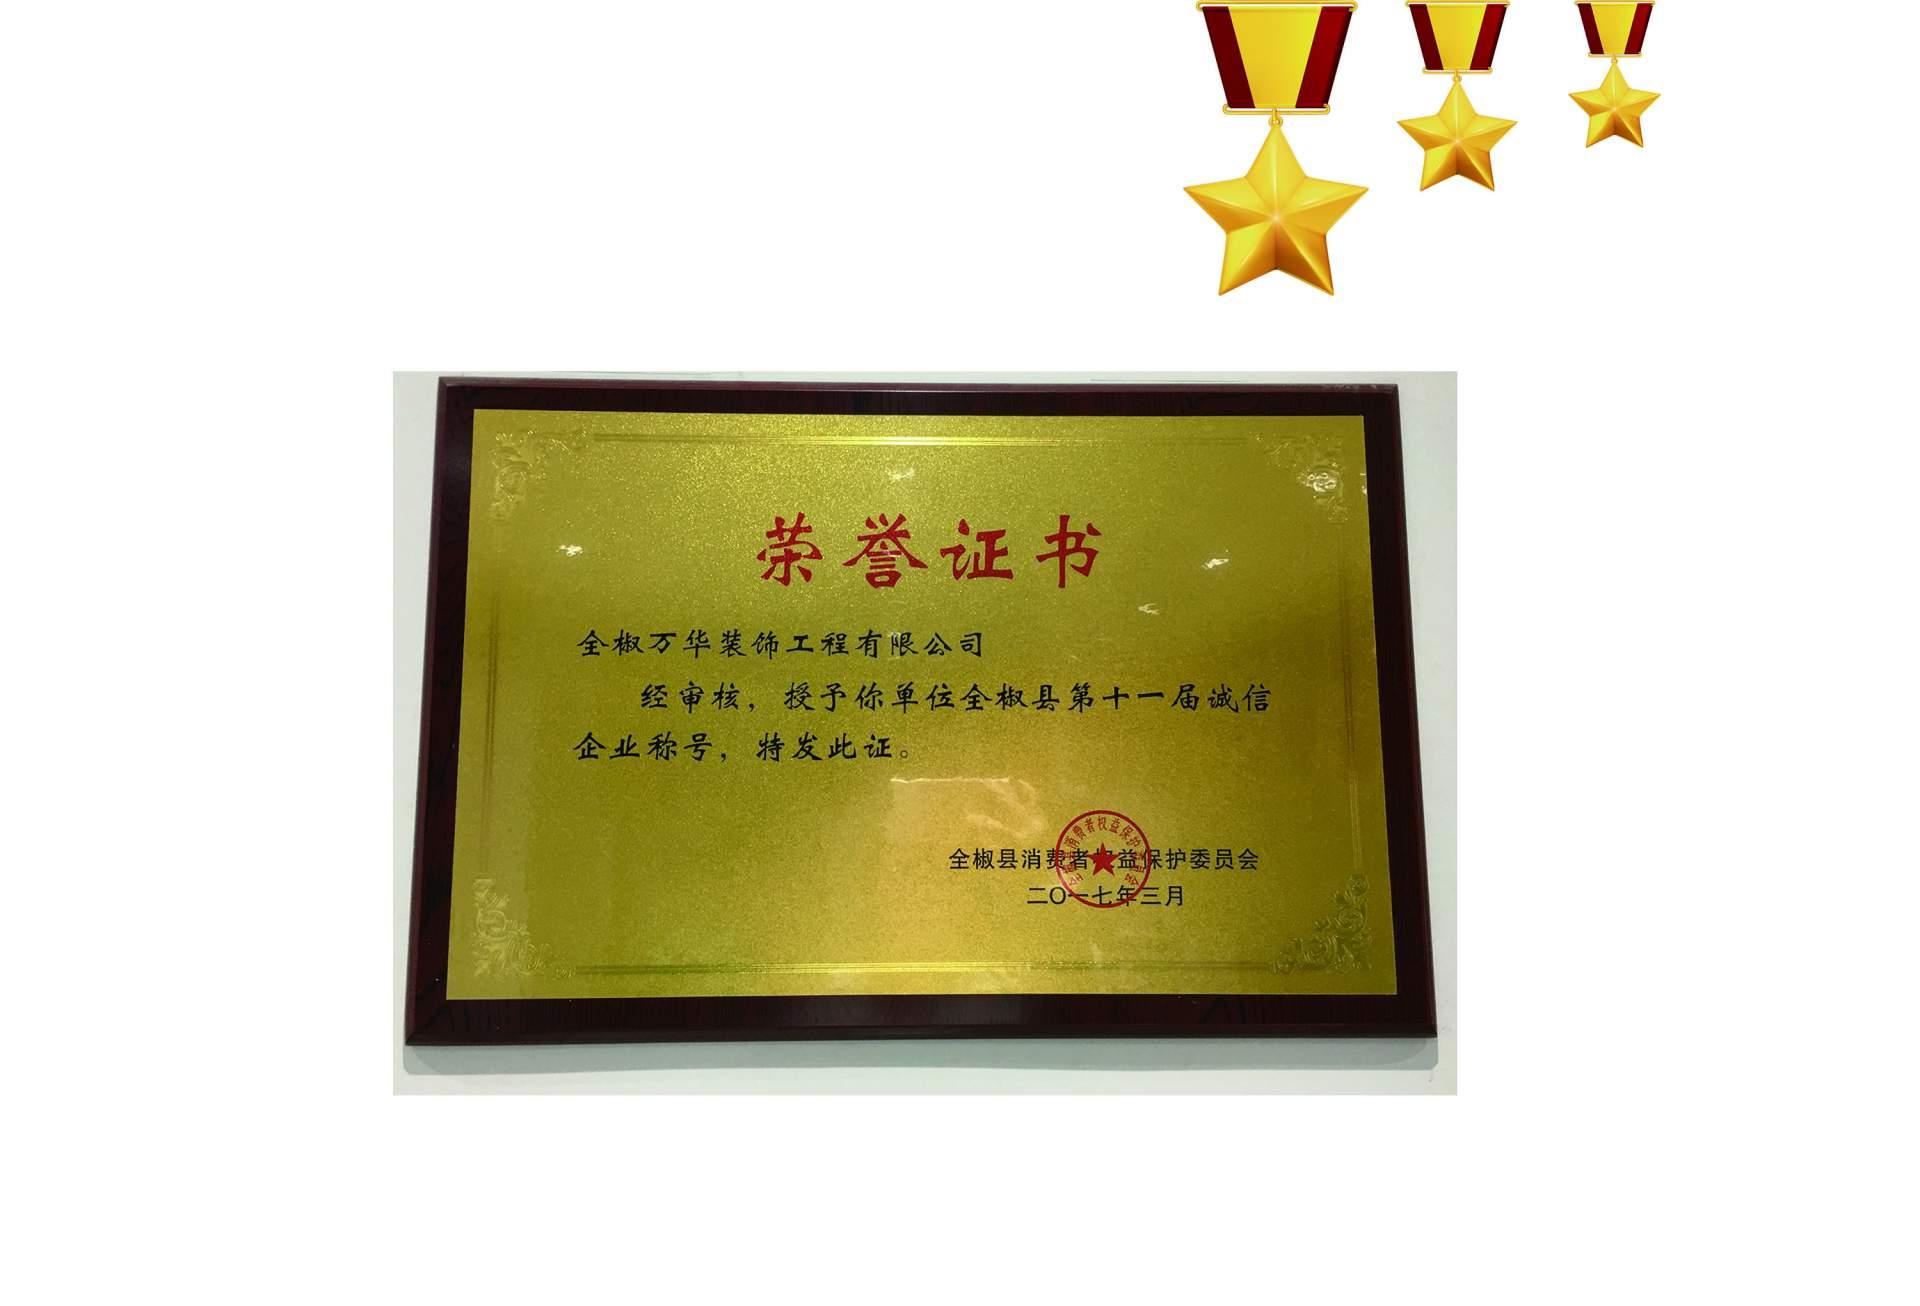 2017年3月全椒县消费者权益保护委员会授予我们万华装饰第十一届诚信企业称号